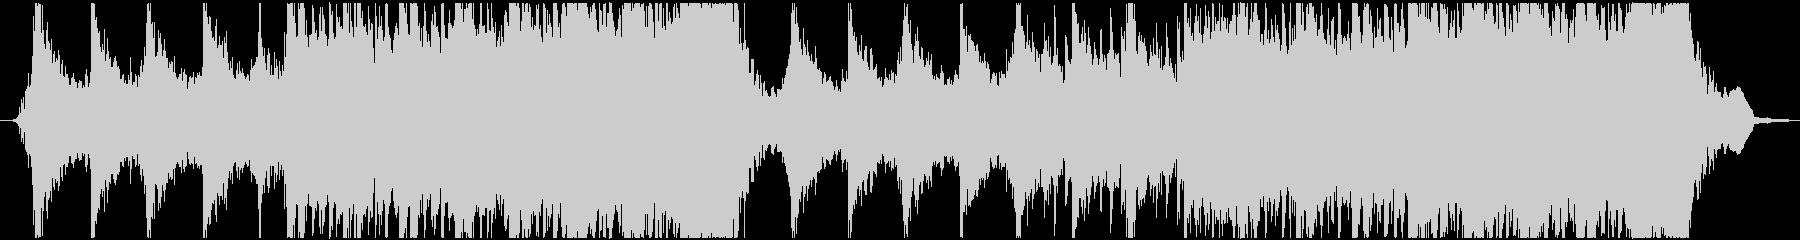 Action Musicの未再生の波形